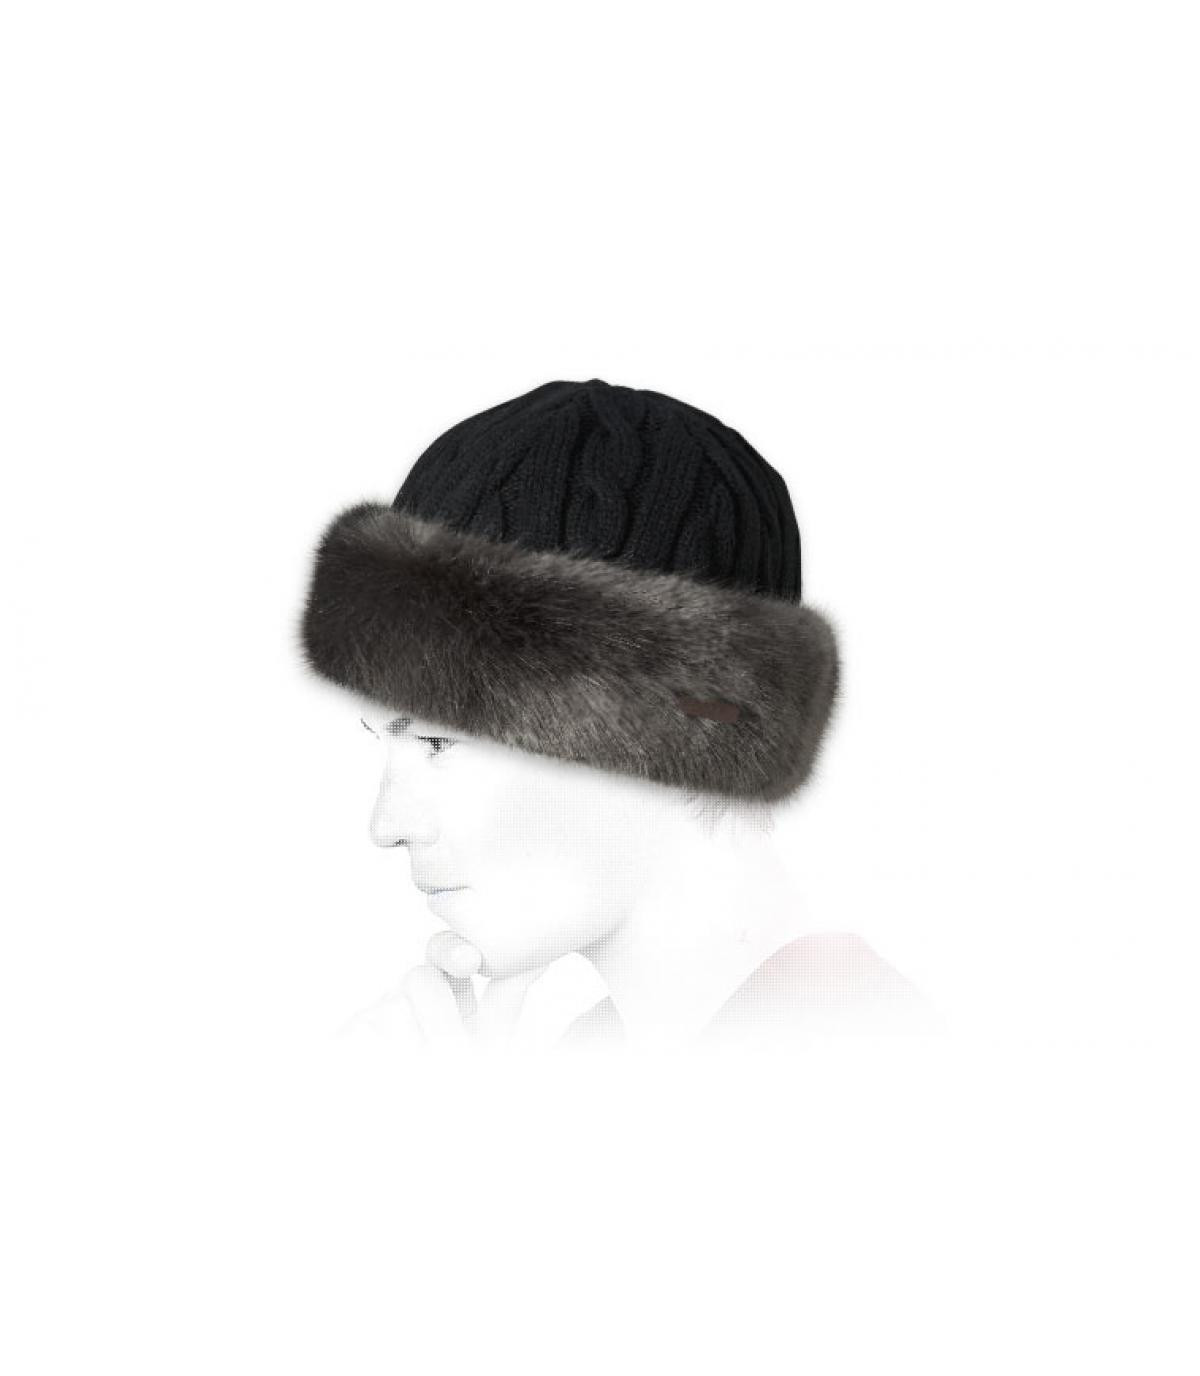 Details Bont hoed met kabelband grijs - afbeeling 3